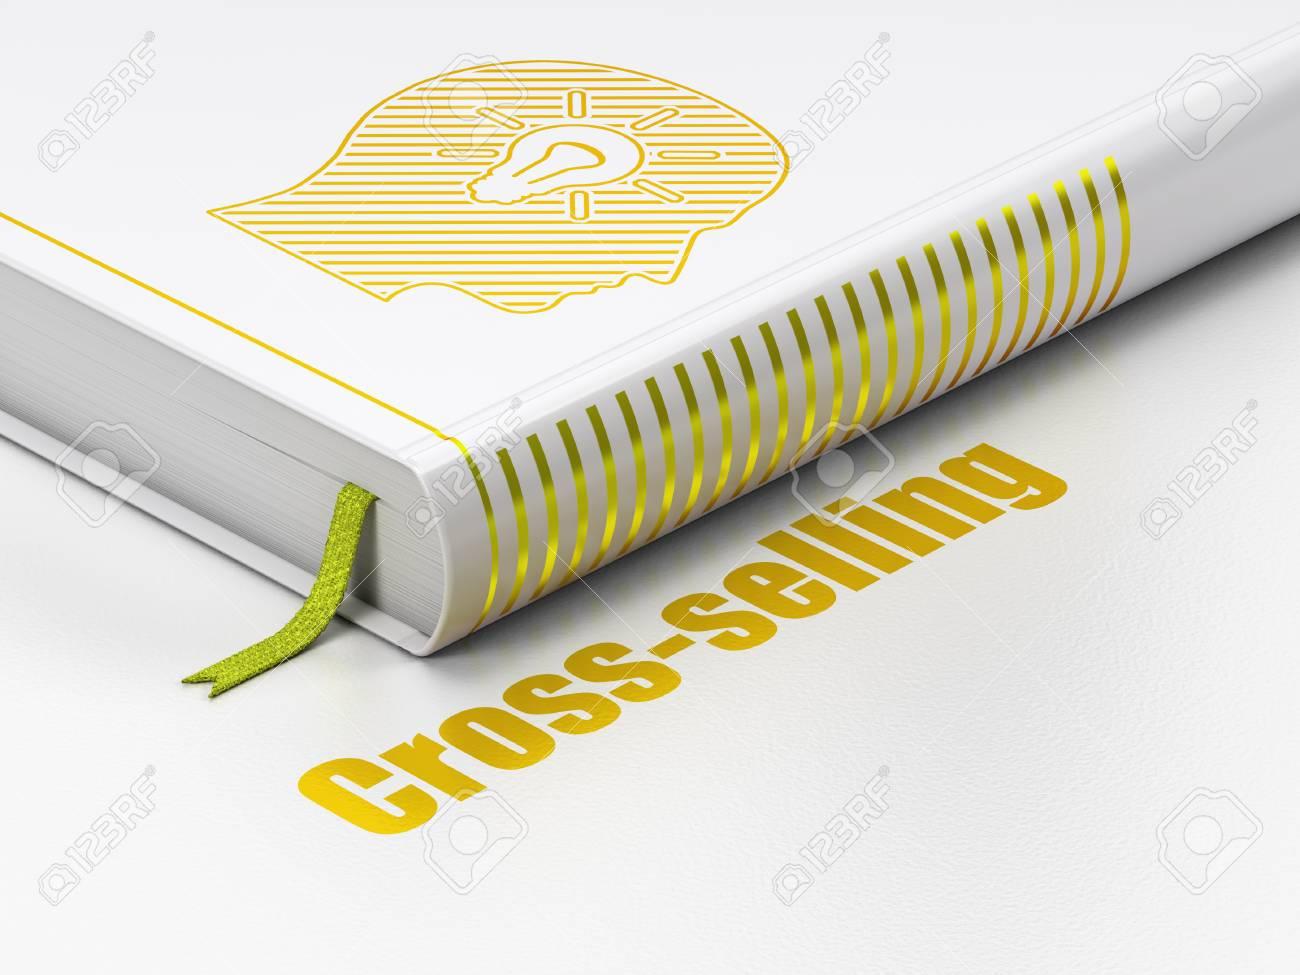 Finance-Konzept: Geschlossenes Buch Mit Gold Kopf Mit Glühbirne ...